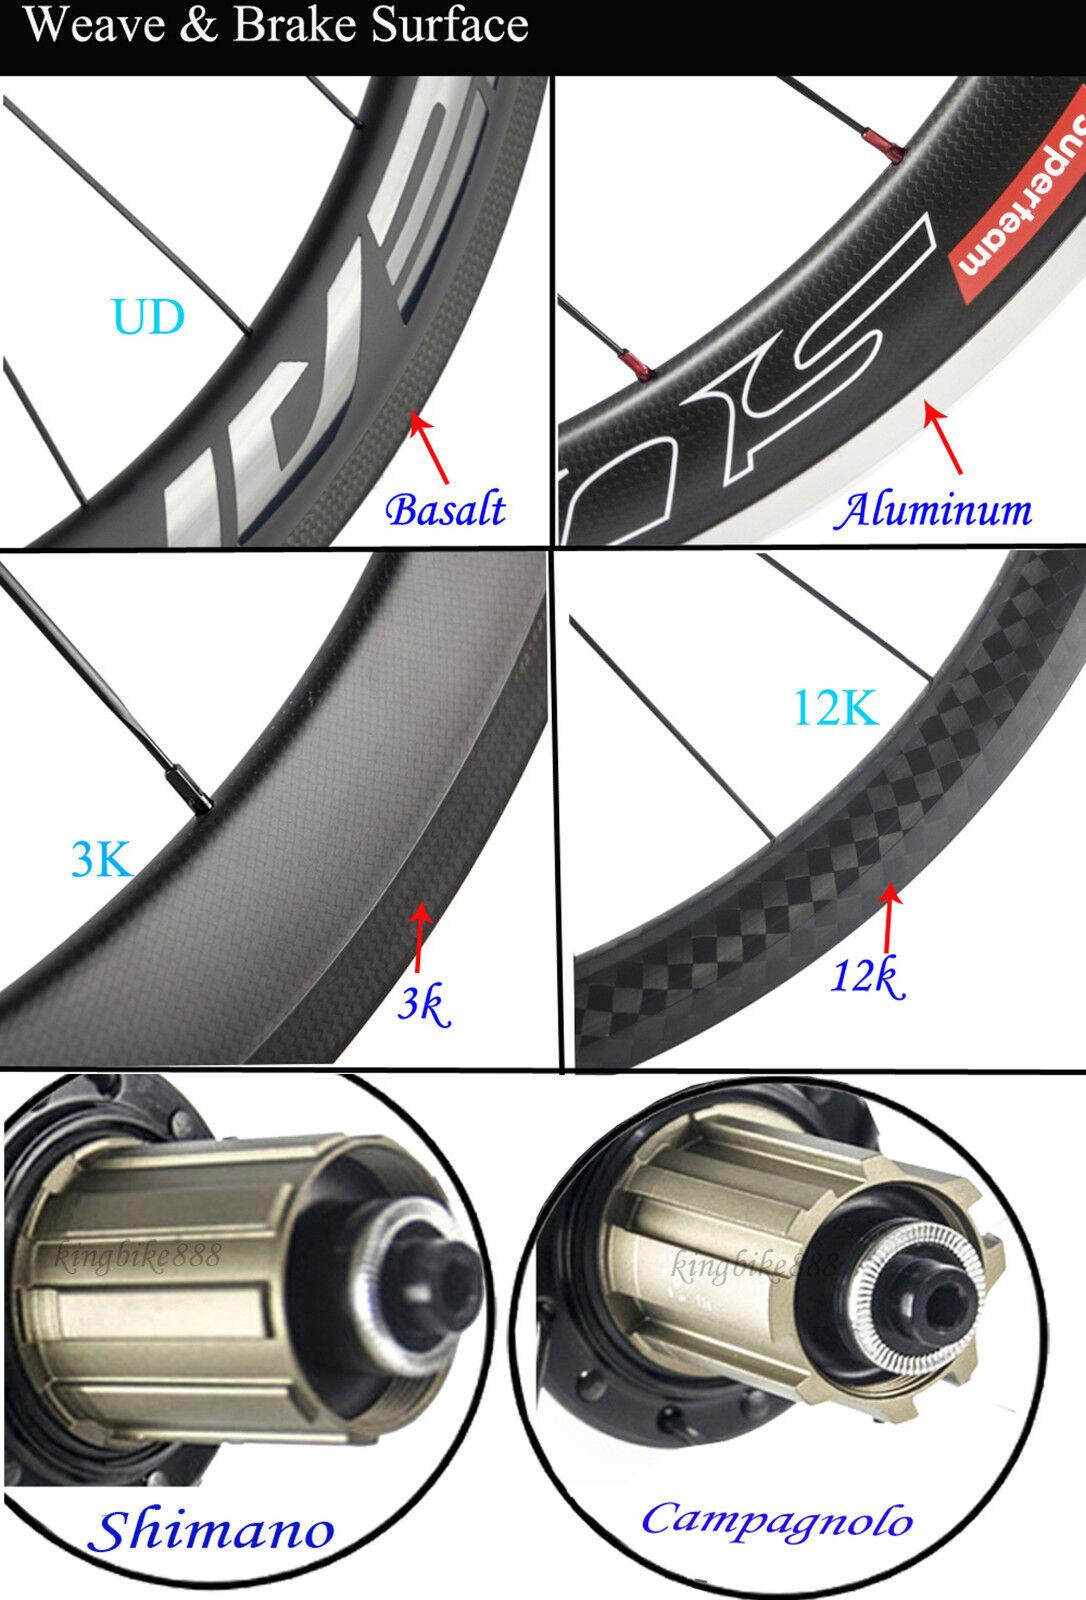 38 Mm Ruedas de Carbono Bicicleta Bicicleta Bicicleta de Carretera Bicicleta Ruedas de R7 Hub 25 mm Ancho unidireccional en forma de U ef9276